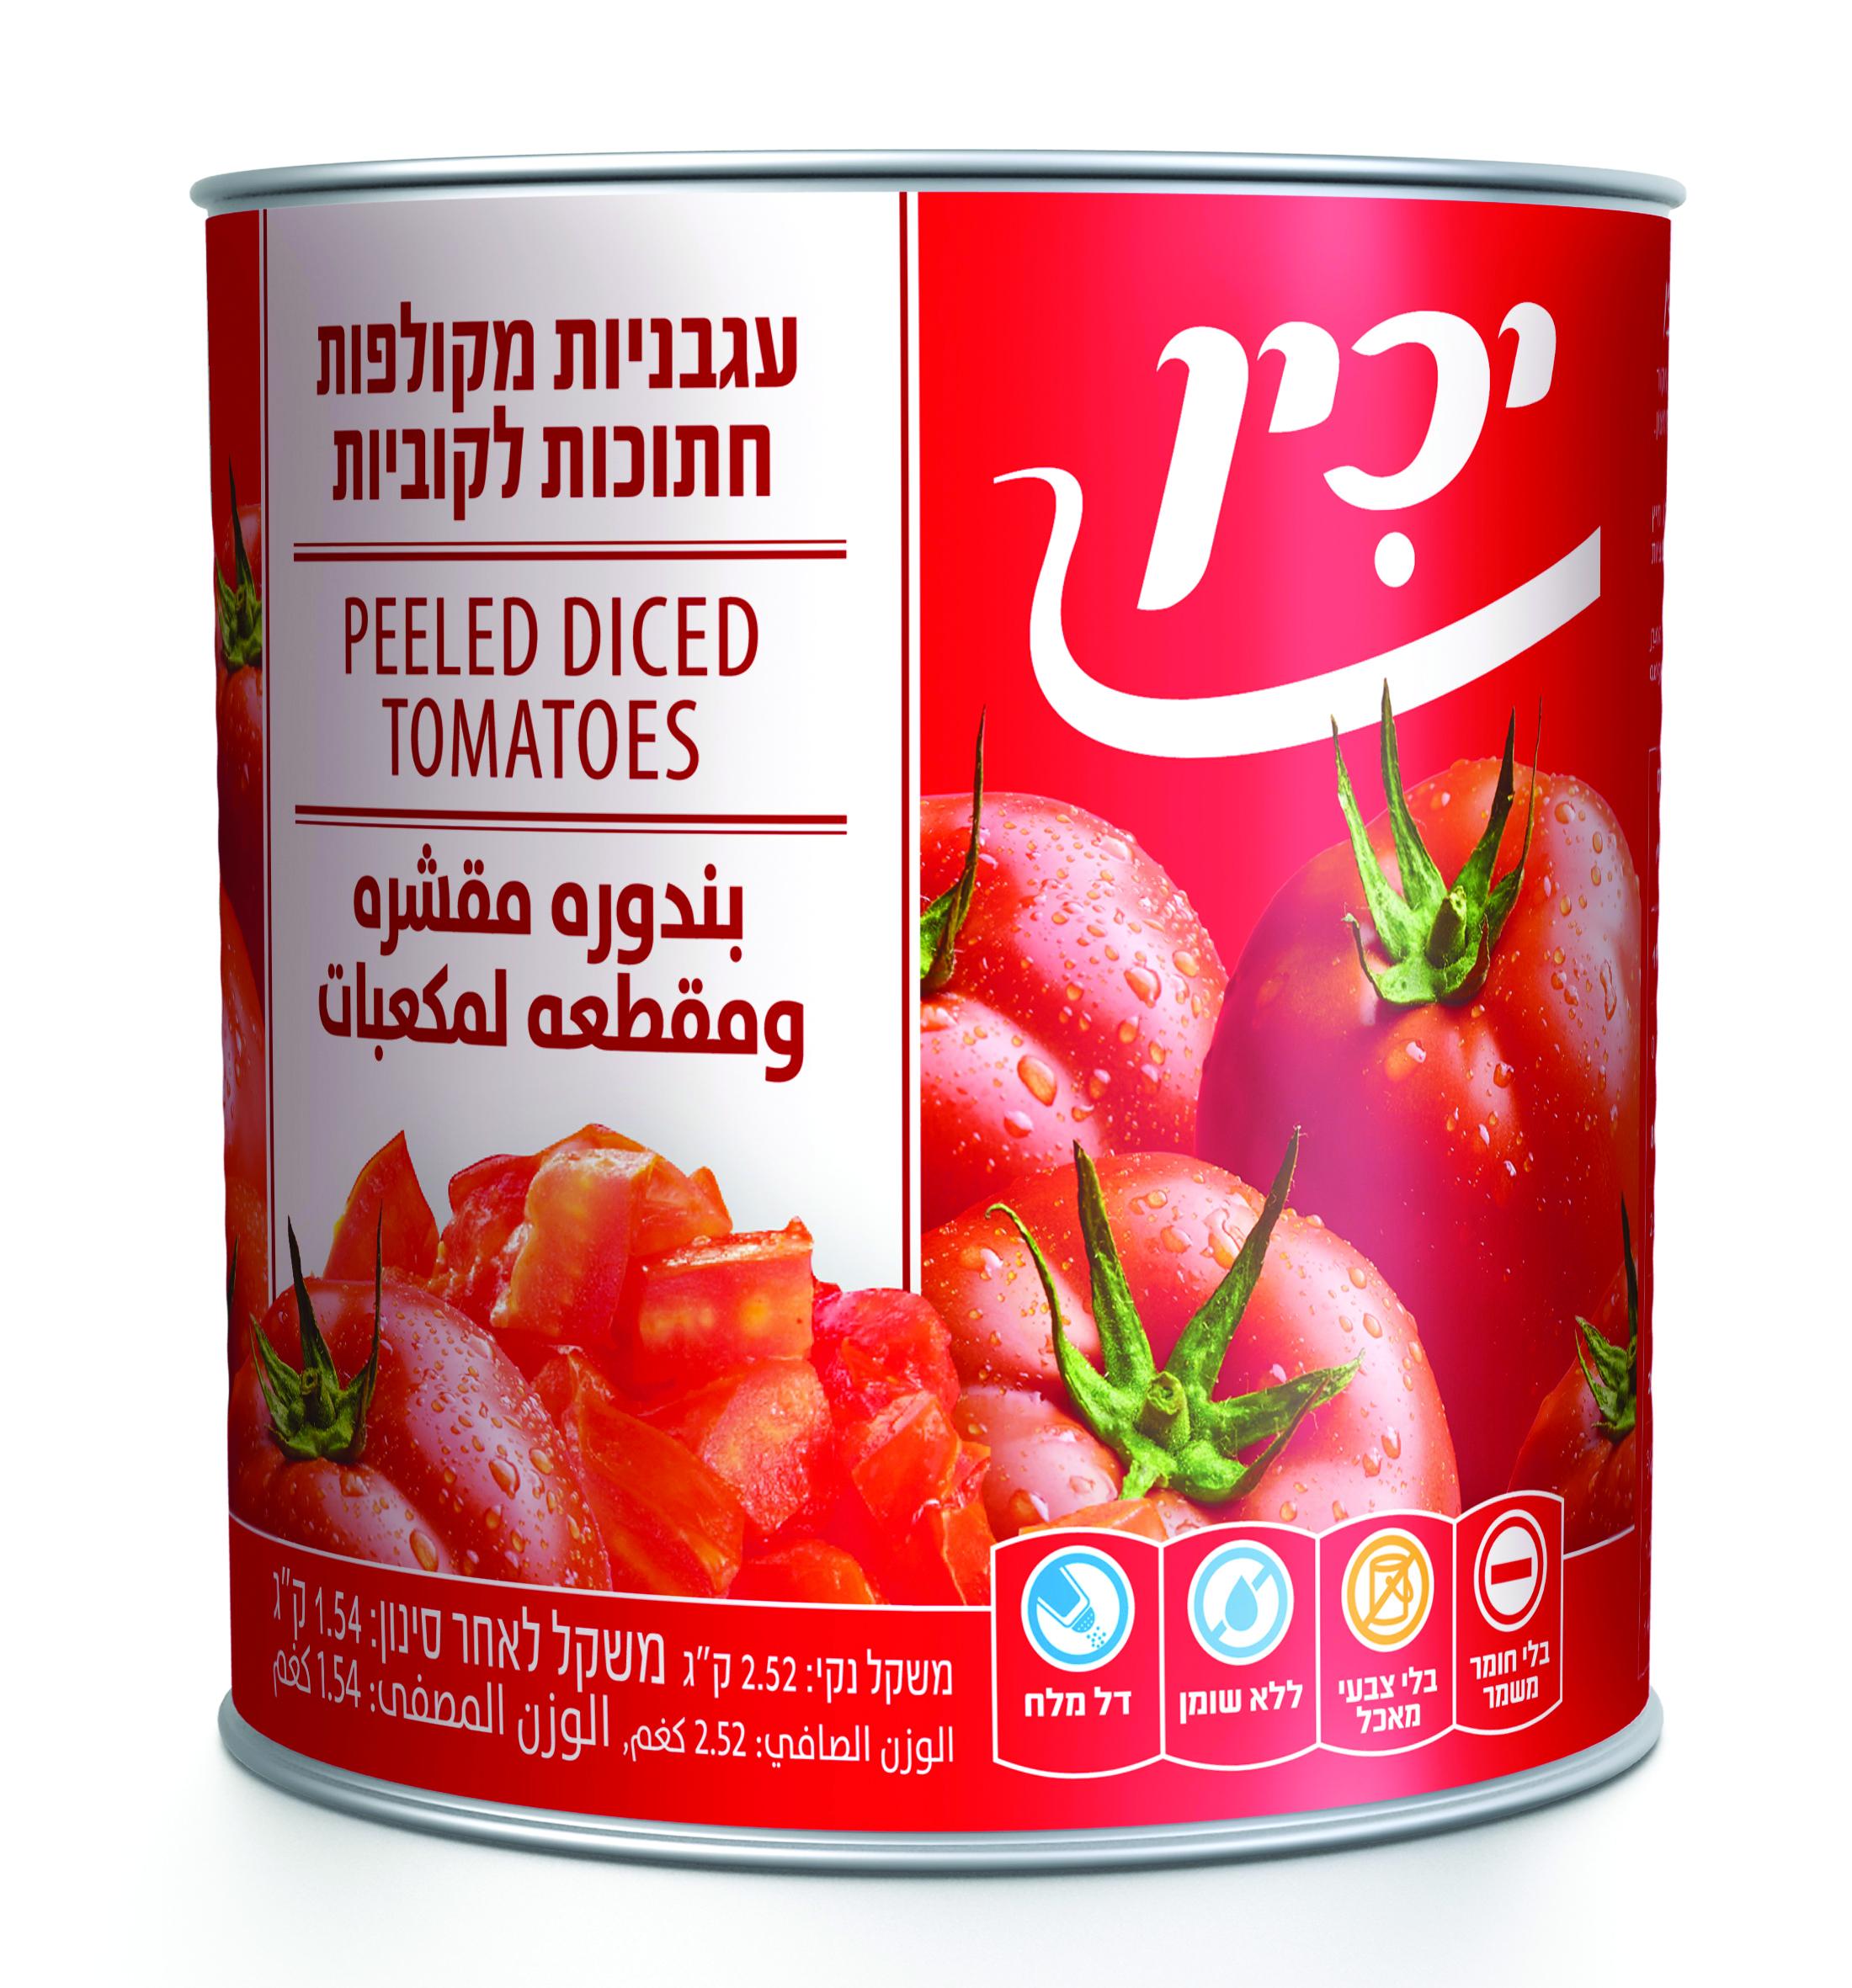 עגבניות מקולפות חתוכות לקוביות 2.52 ק